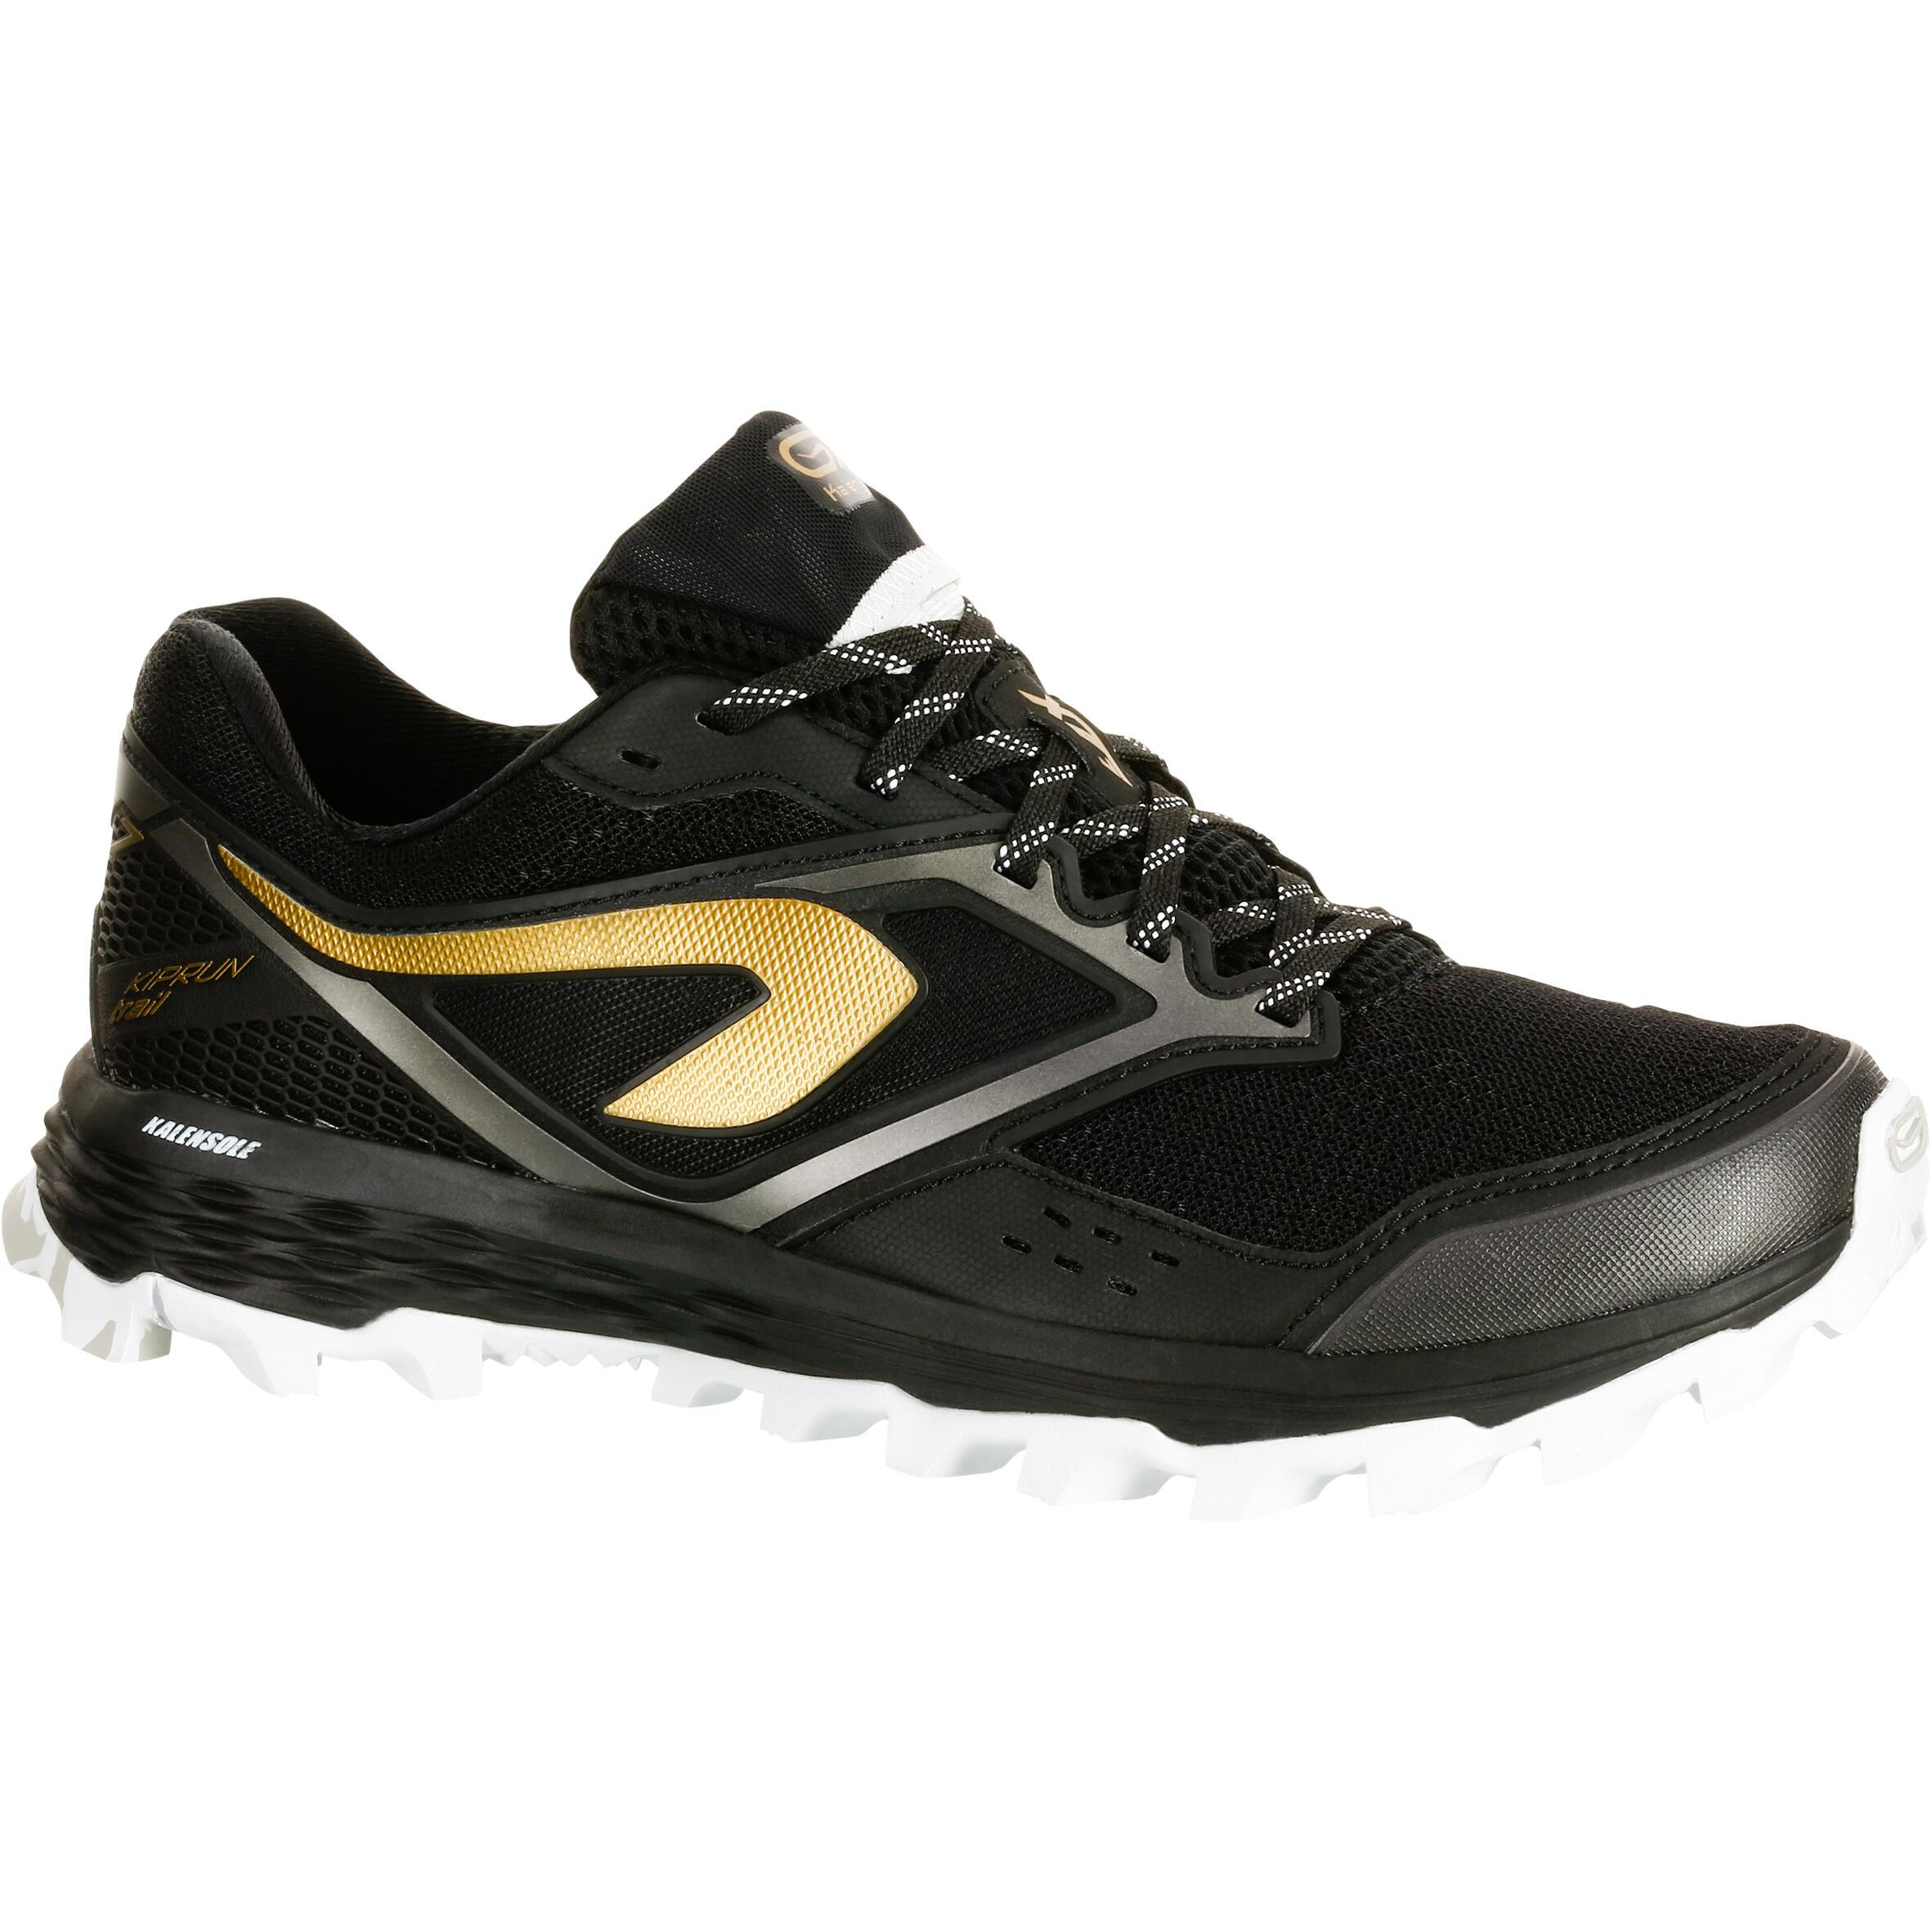 Kalenji Trailschoenen voor dames Kiprun Trail XT 7 zwart brons